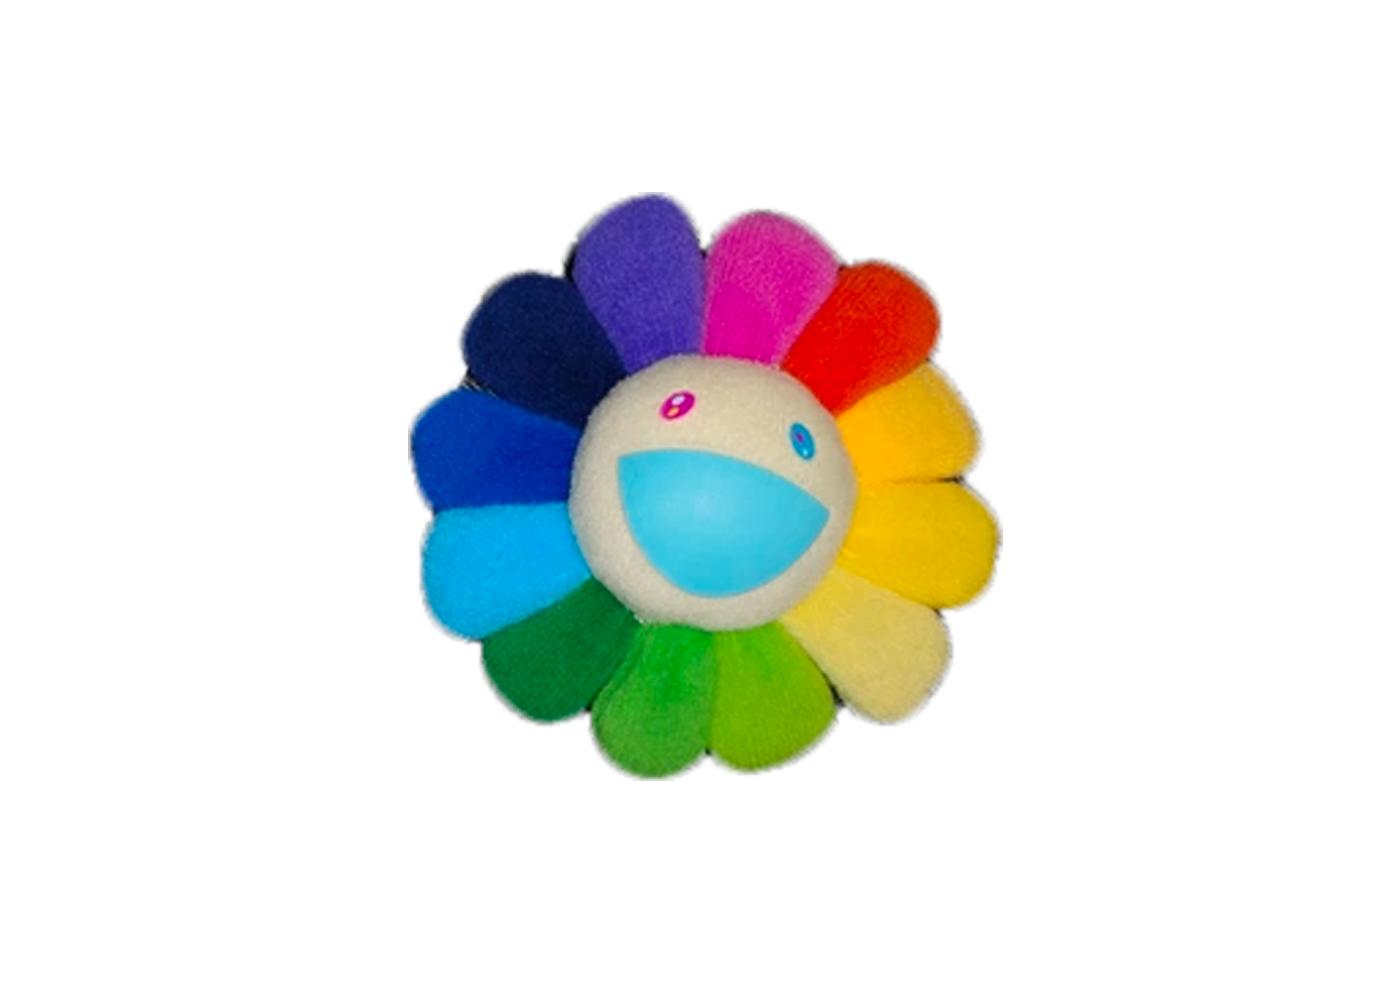 Takashi Murakami Flower Plush Pin Rainbow/White by Stock X